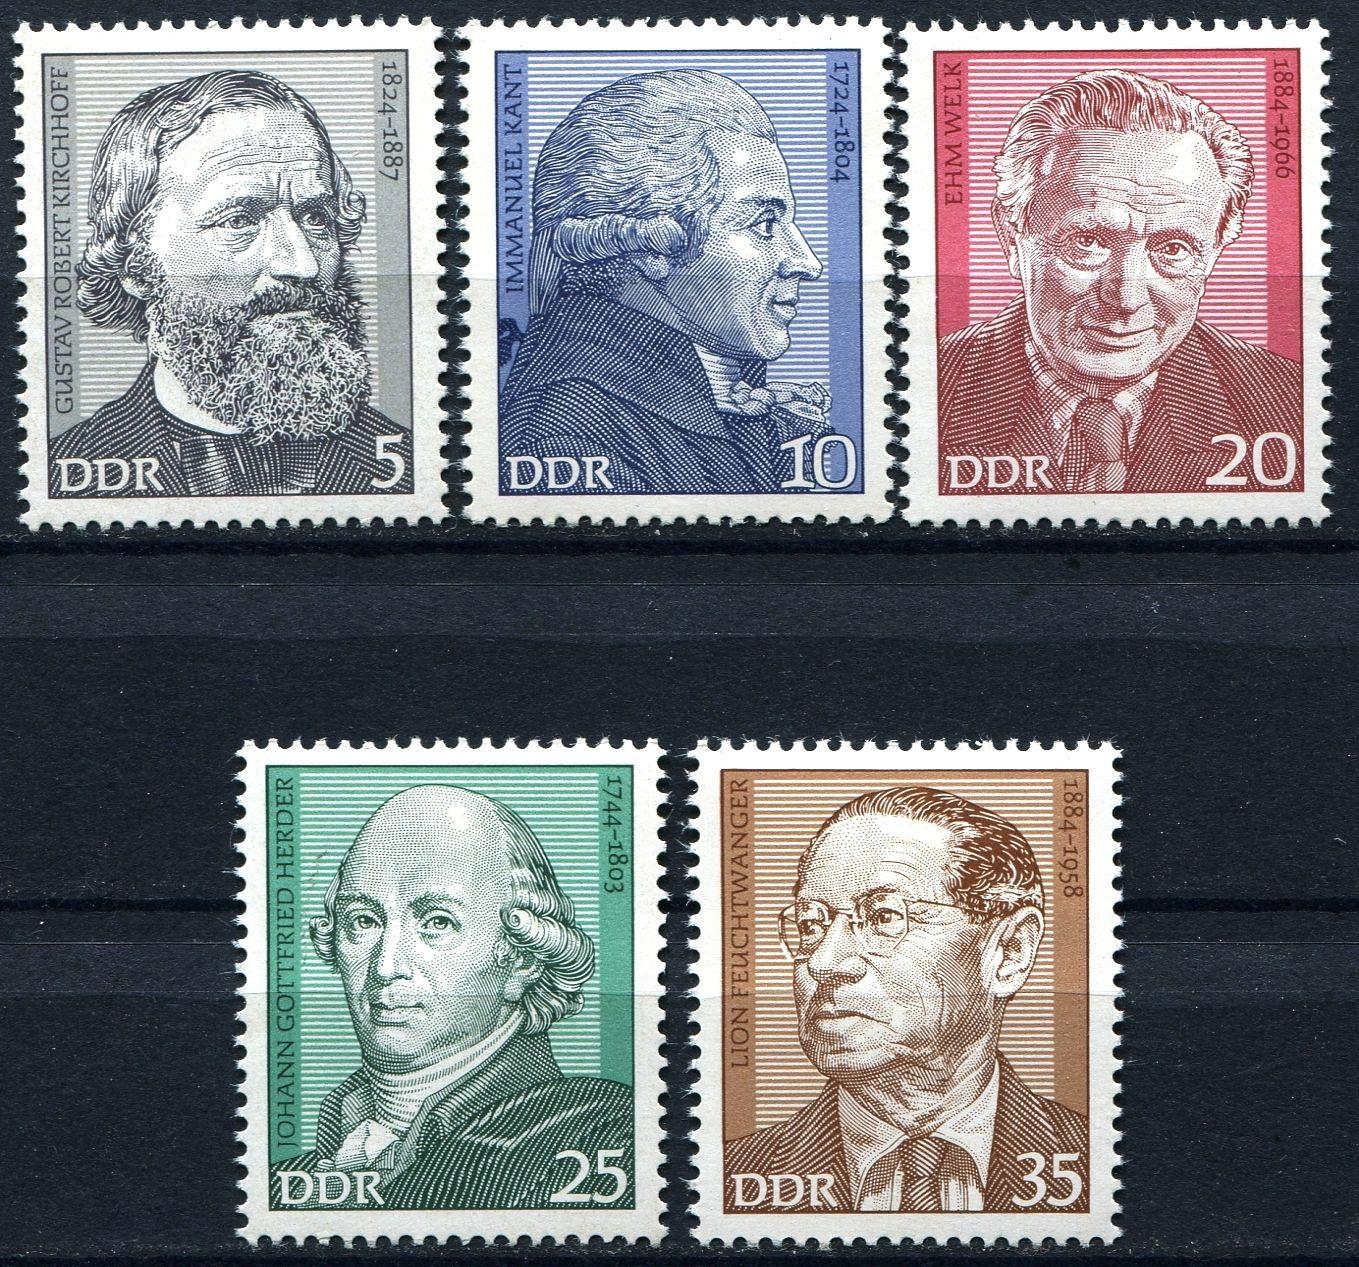 (1974) MiNr. 1941 - 1945 ** - DDR - Důležité osobnosti (II).